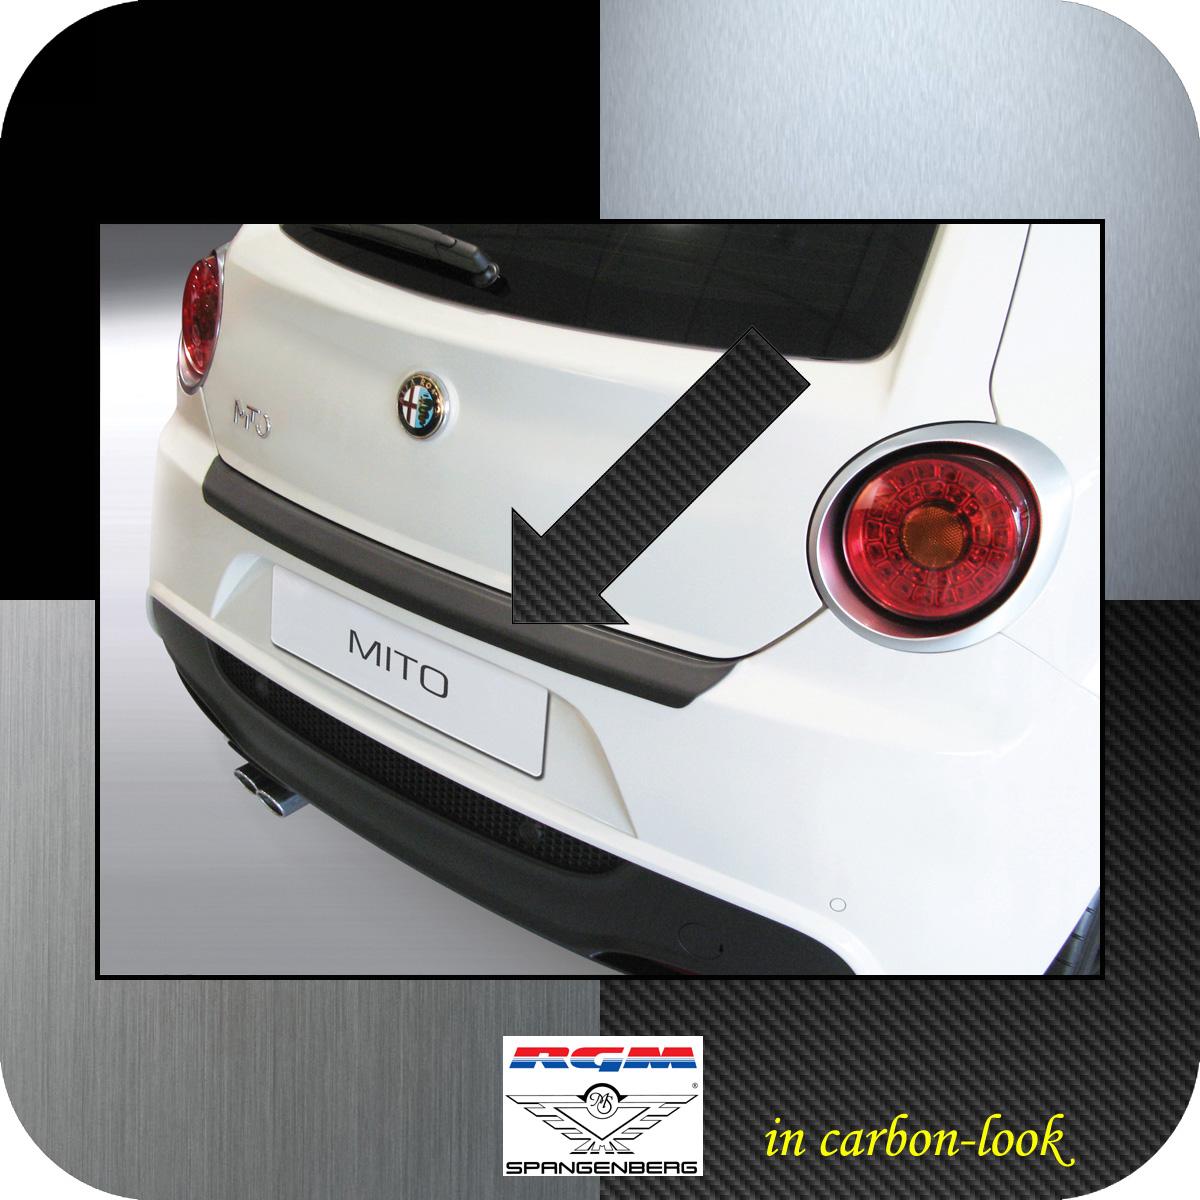 Ladekantenschutz Carbon-Look Alfa Romeo Mito Schrägheck ab Baujahr 2008- 3509546